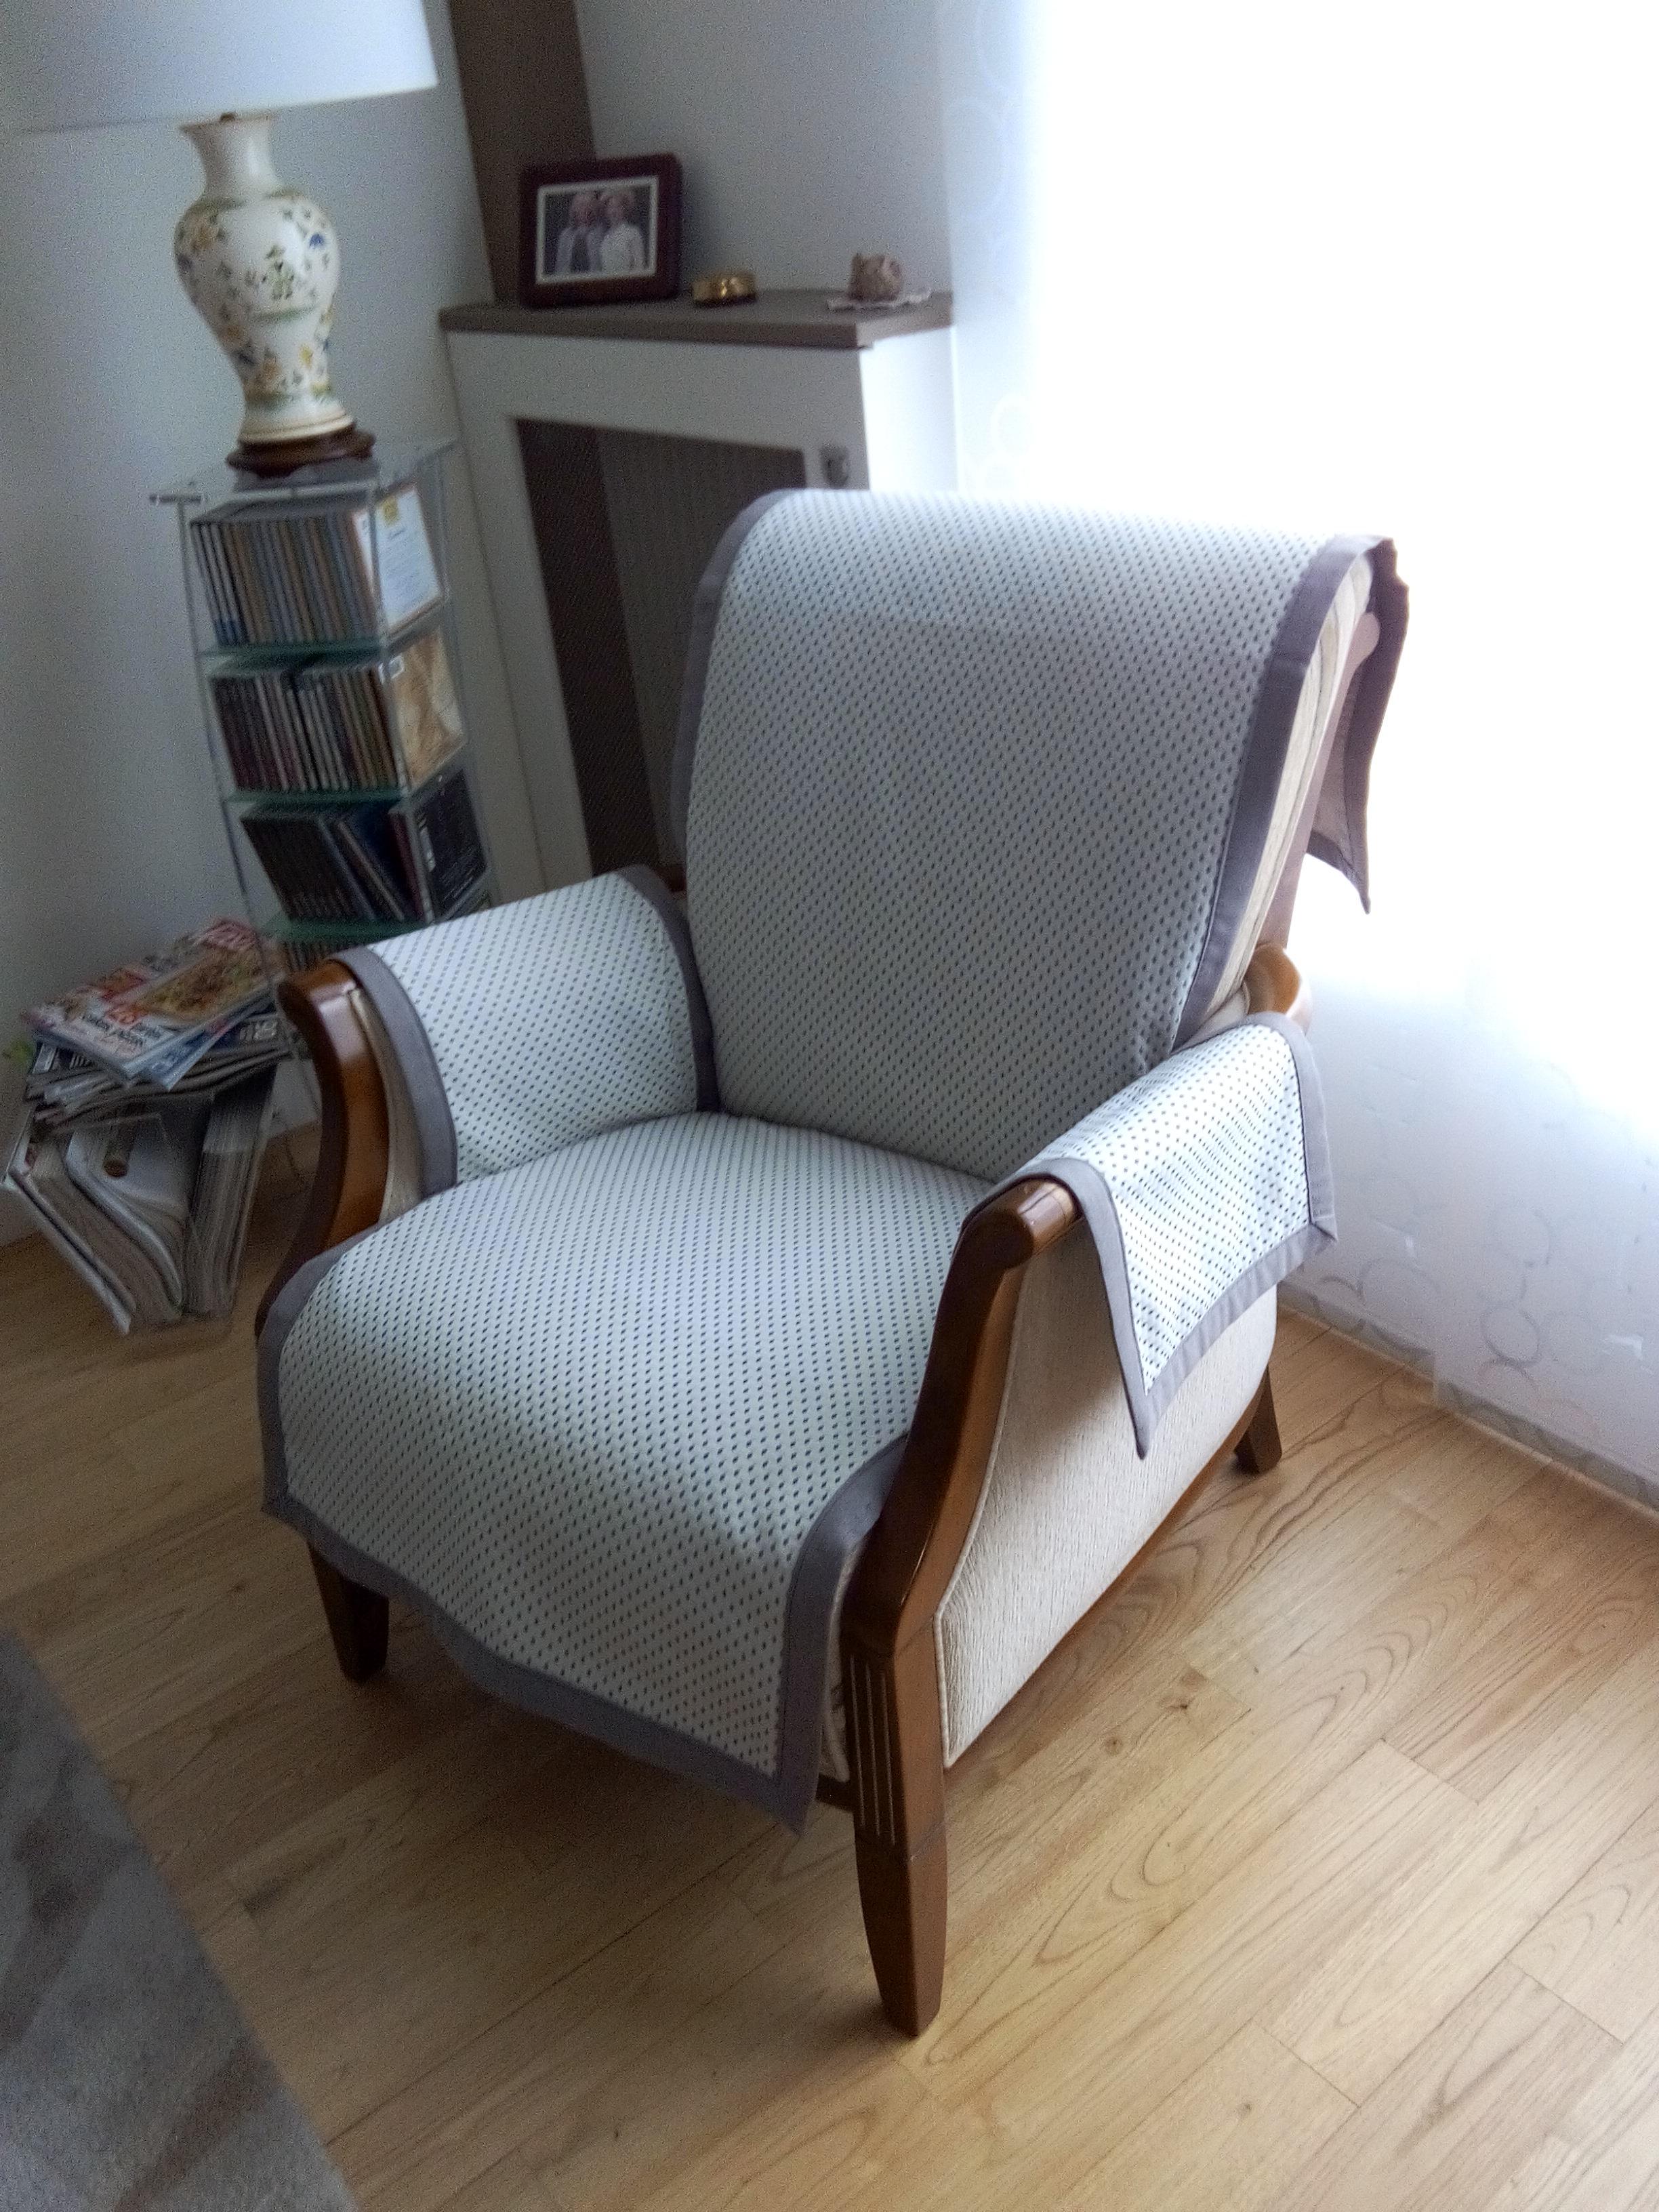 housses de canap s au fil de la coudre. Black Bedroom Furniture Sets. Home Design Ideas